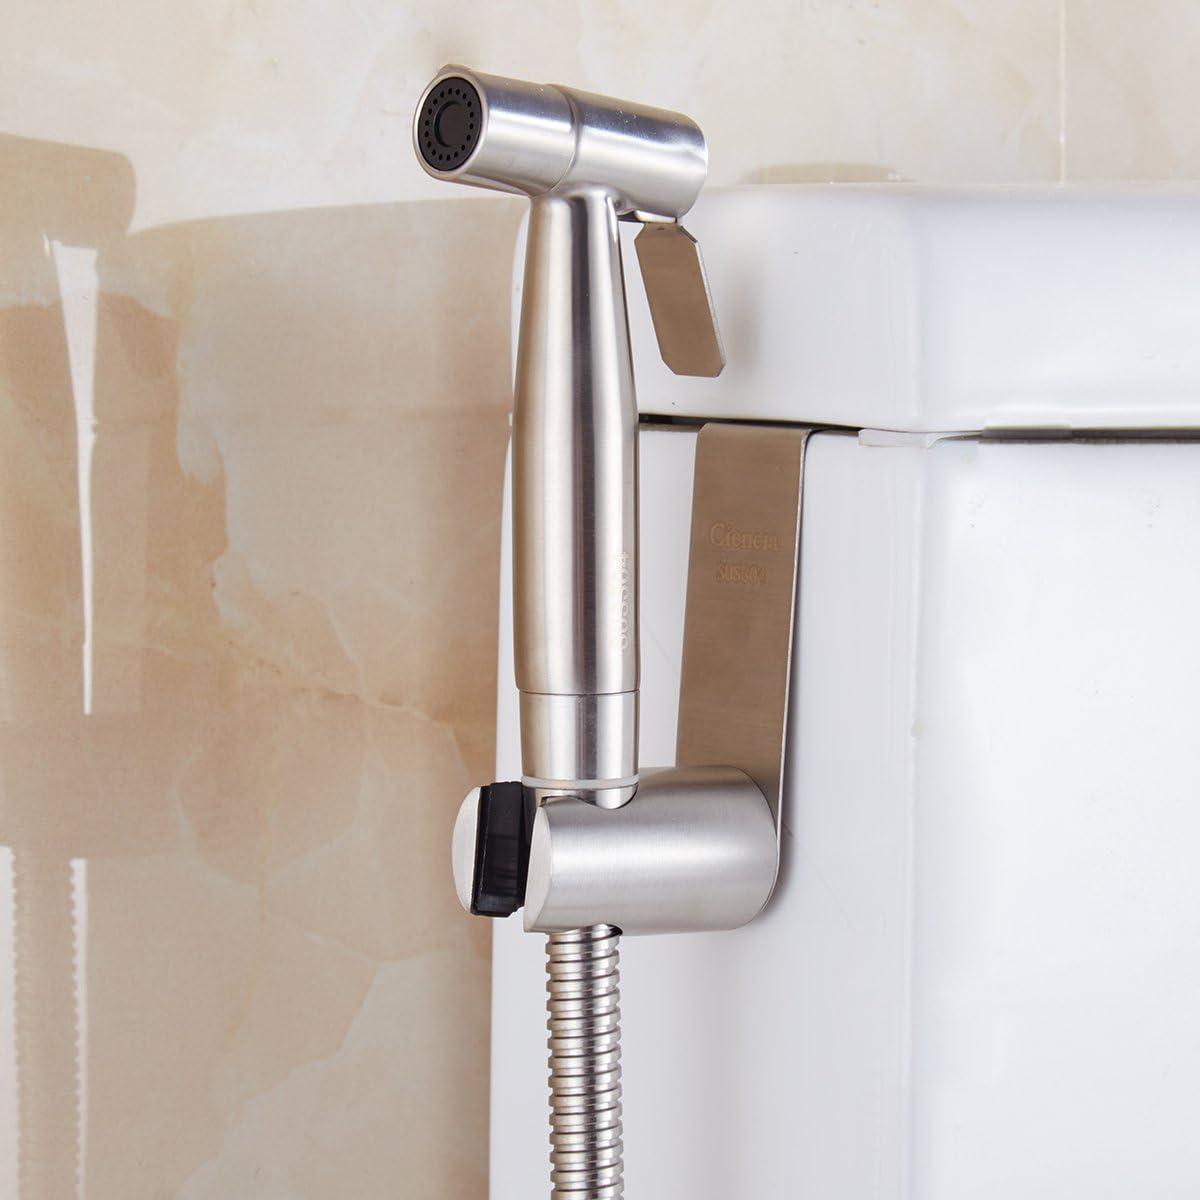 CIENCIA Alcachofa de ducha port/átil de acero inoxidable con pulverizador de mano